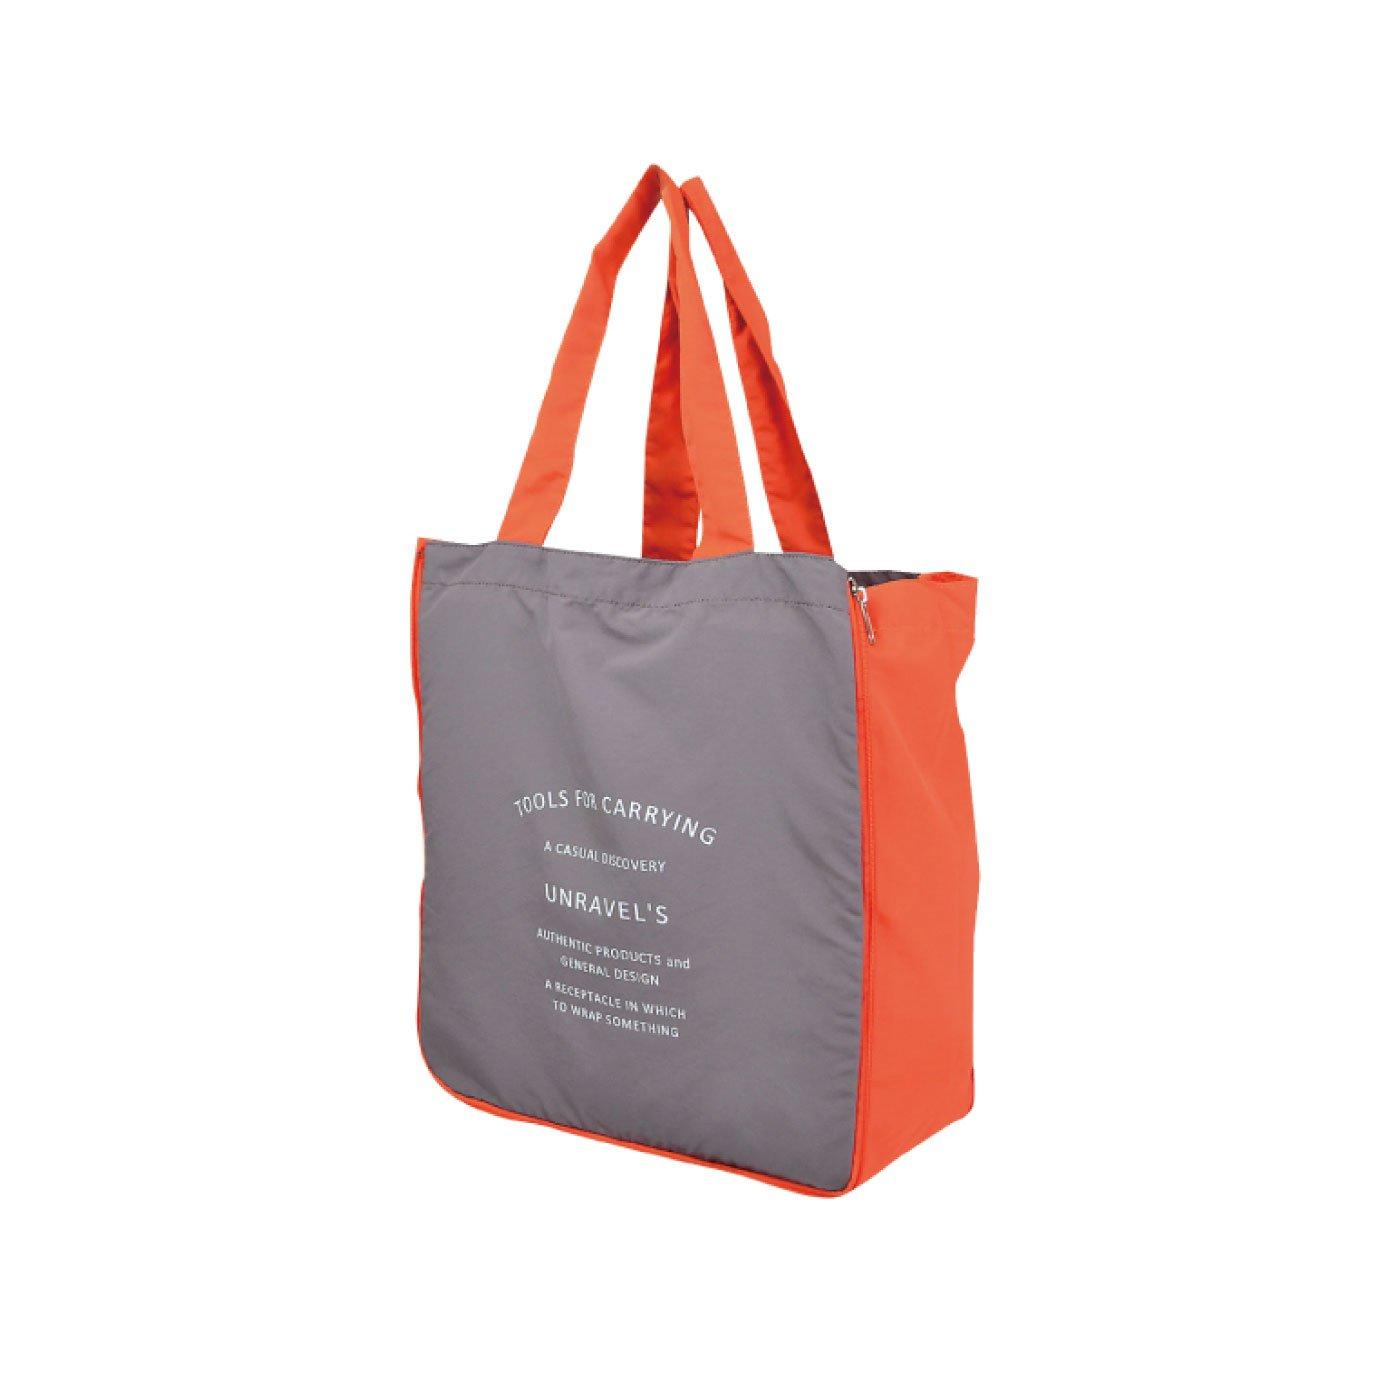 小さくたためて持ち運びに便利 ルパショッピングバッグ